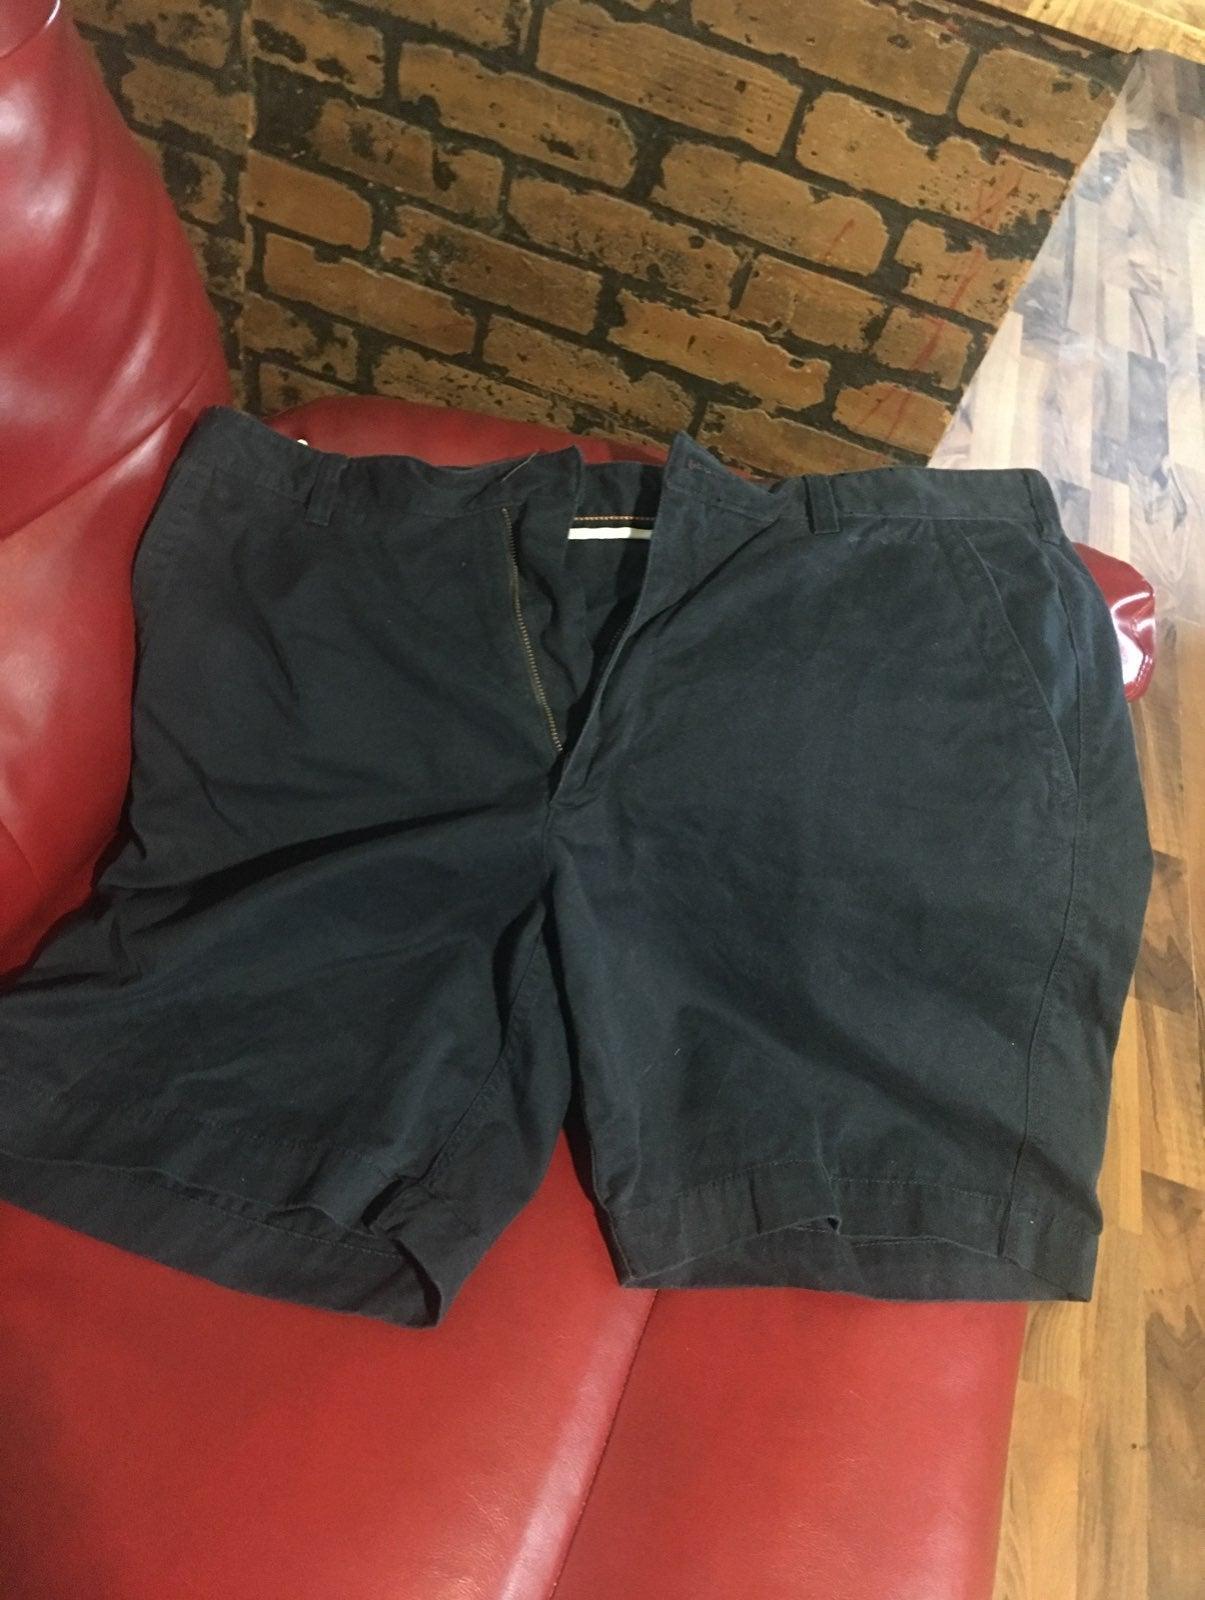 Mens size 38 shorts